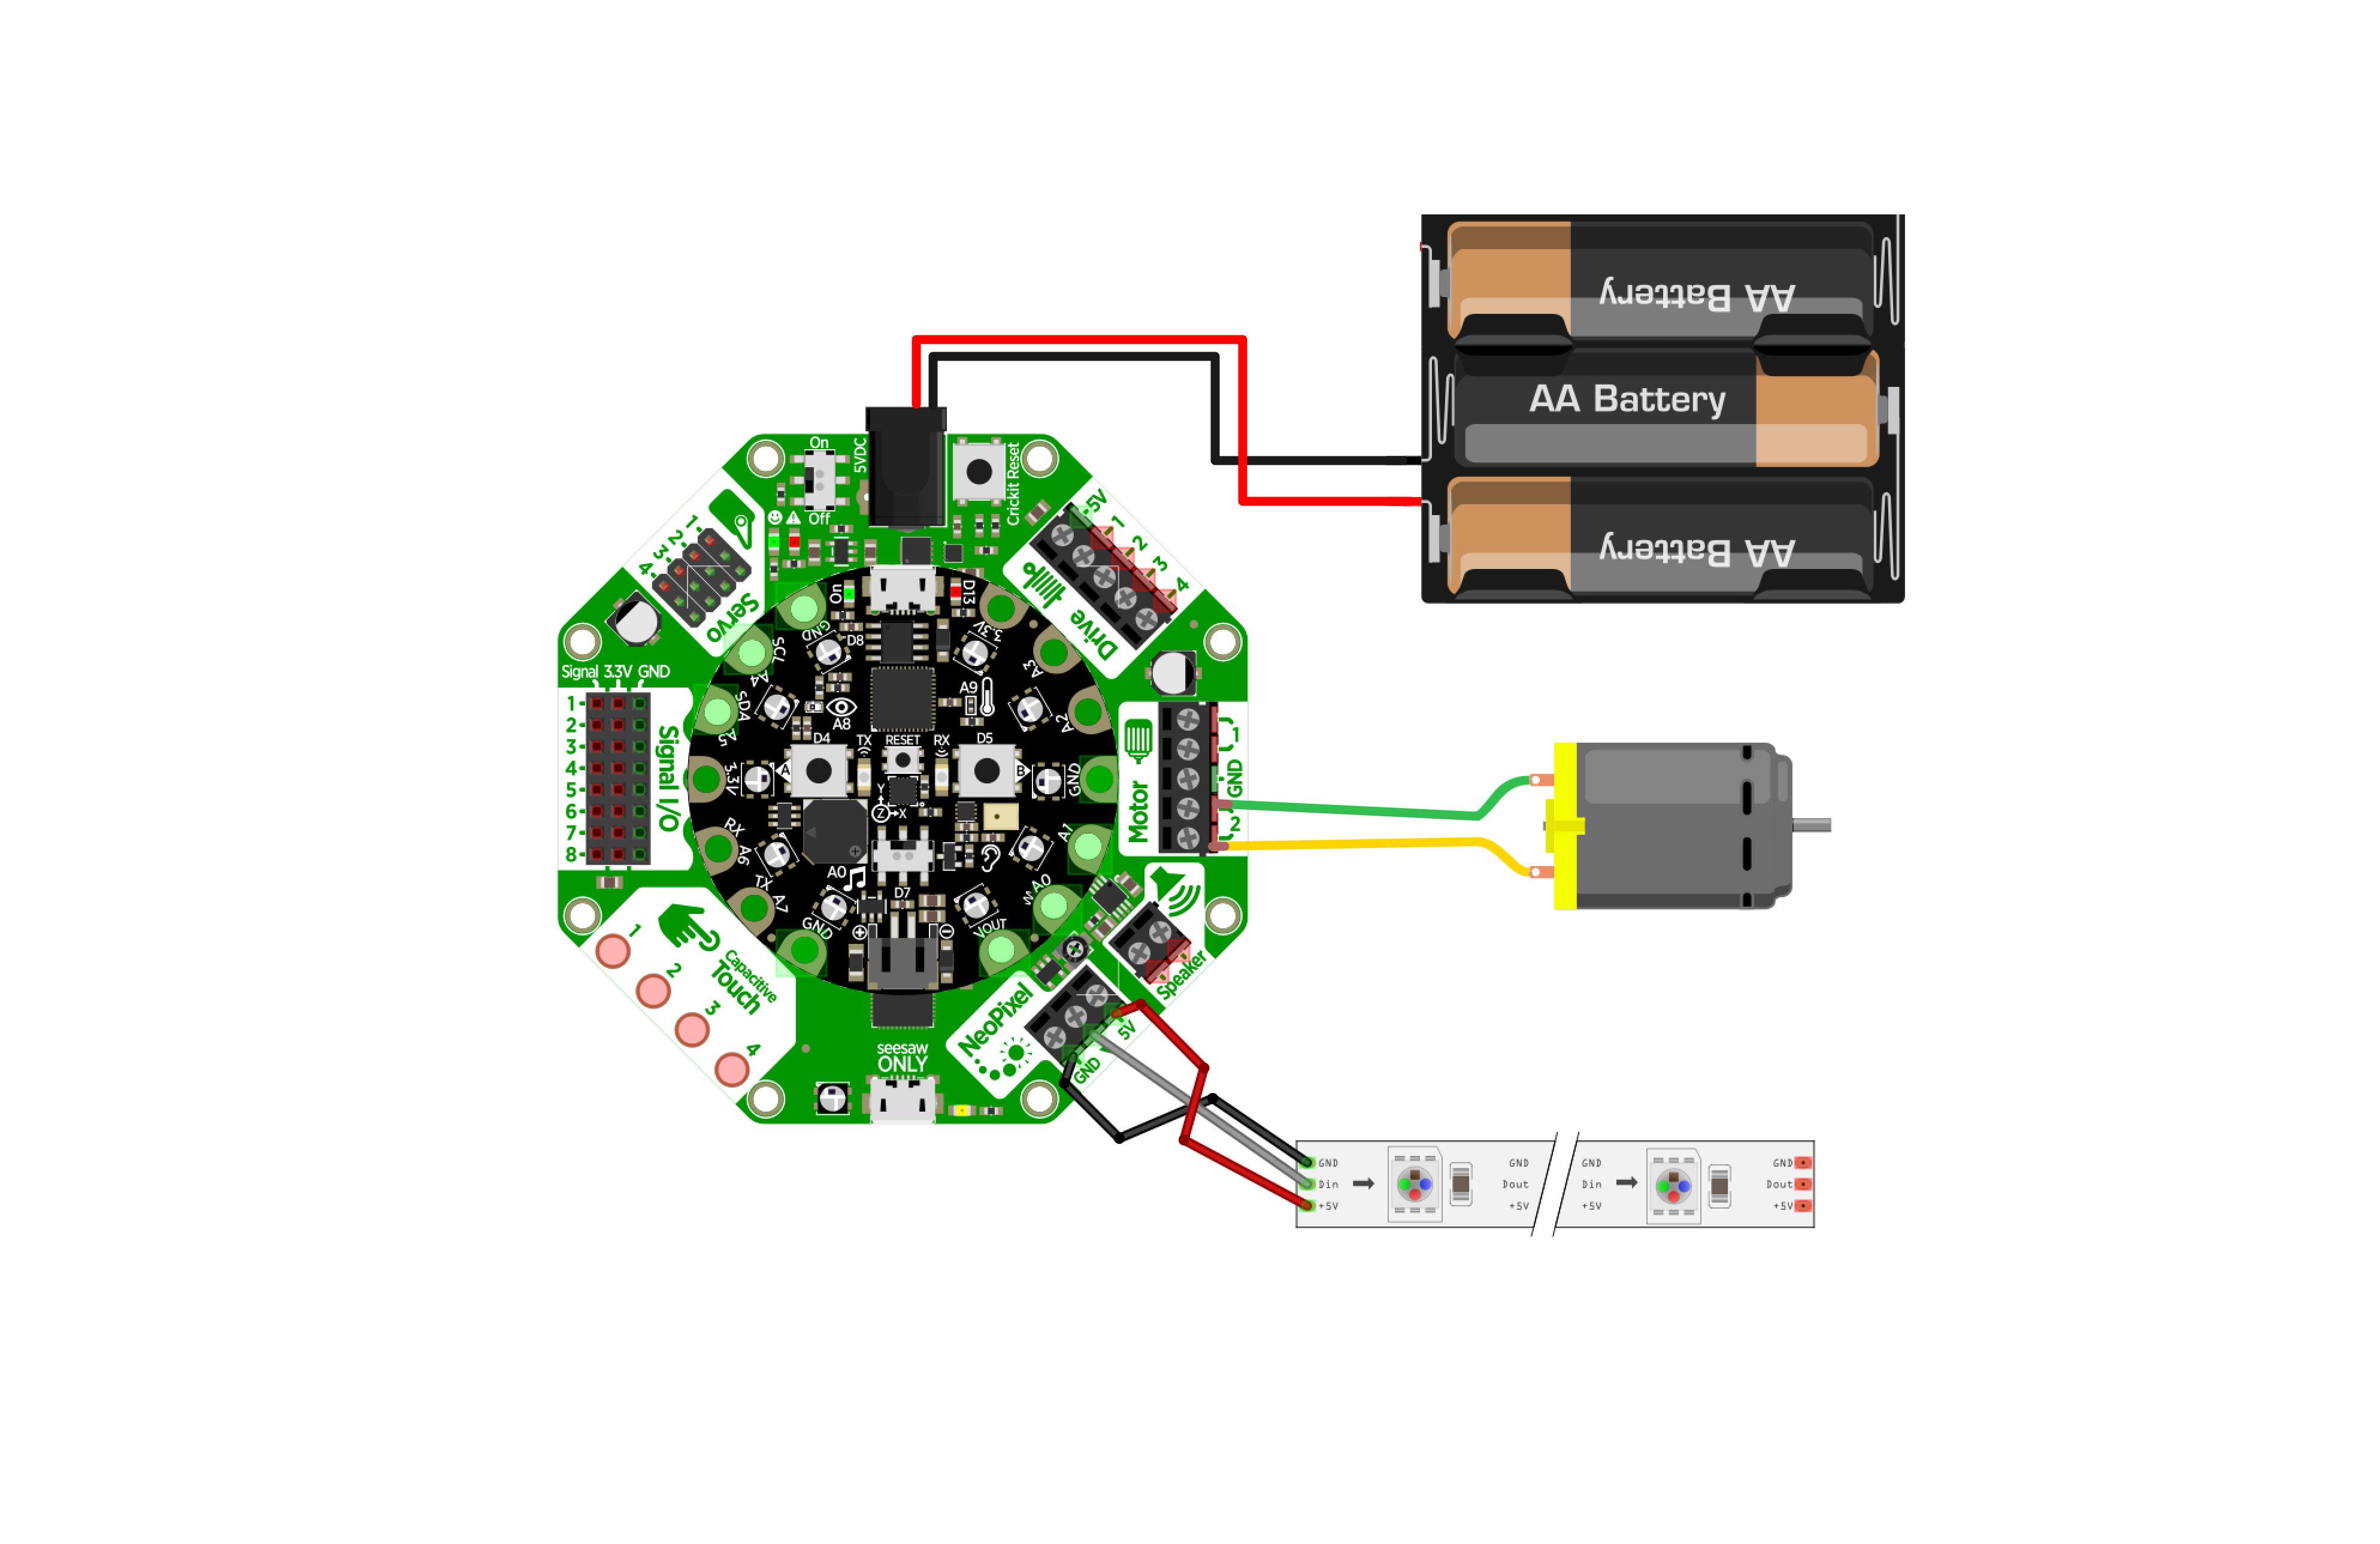 makecode_circuit-diagram.jpg